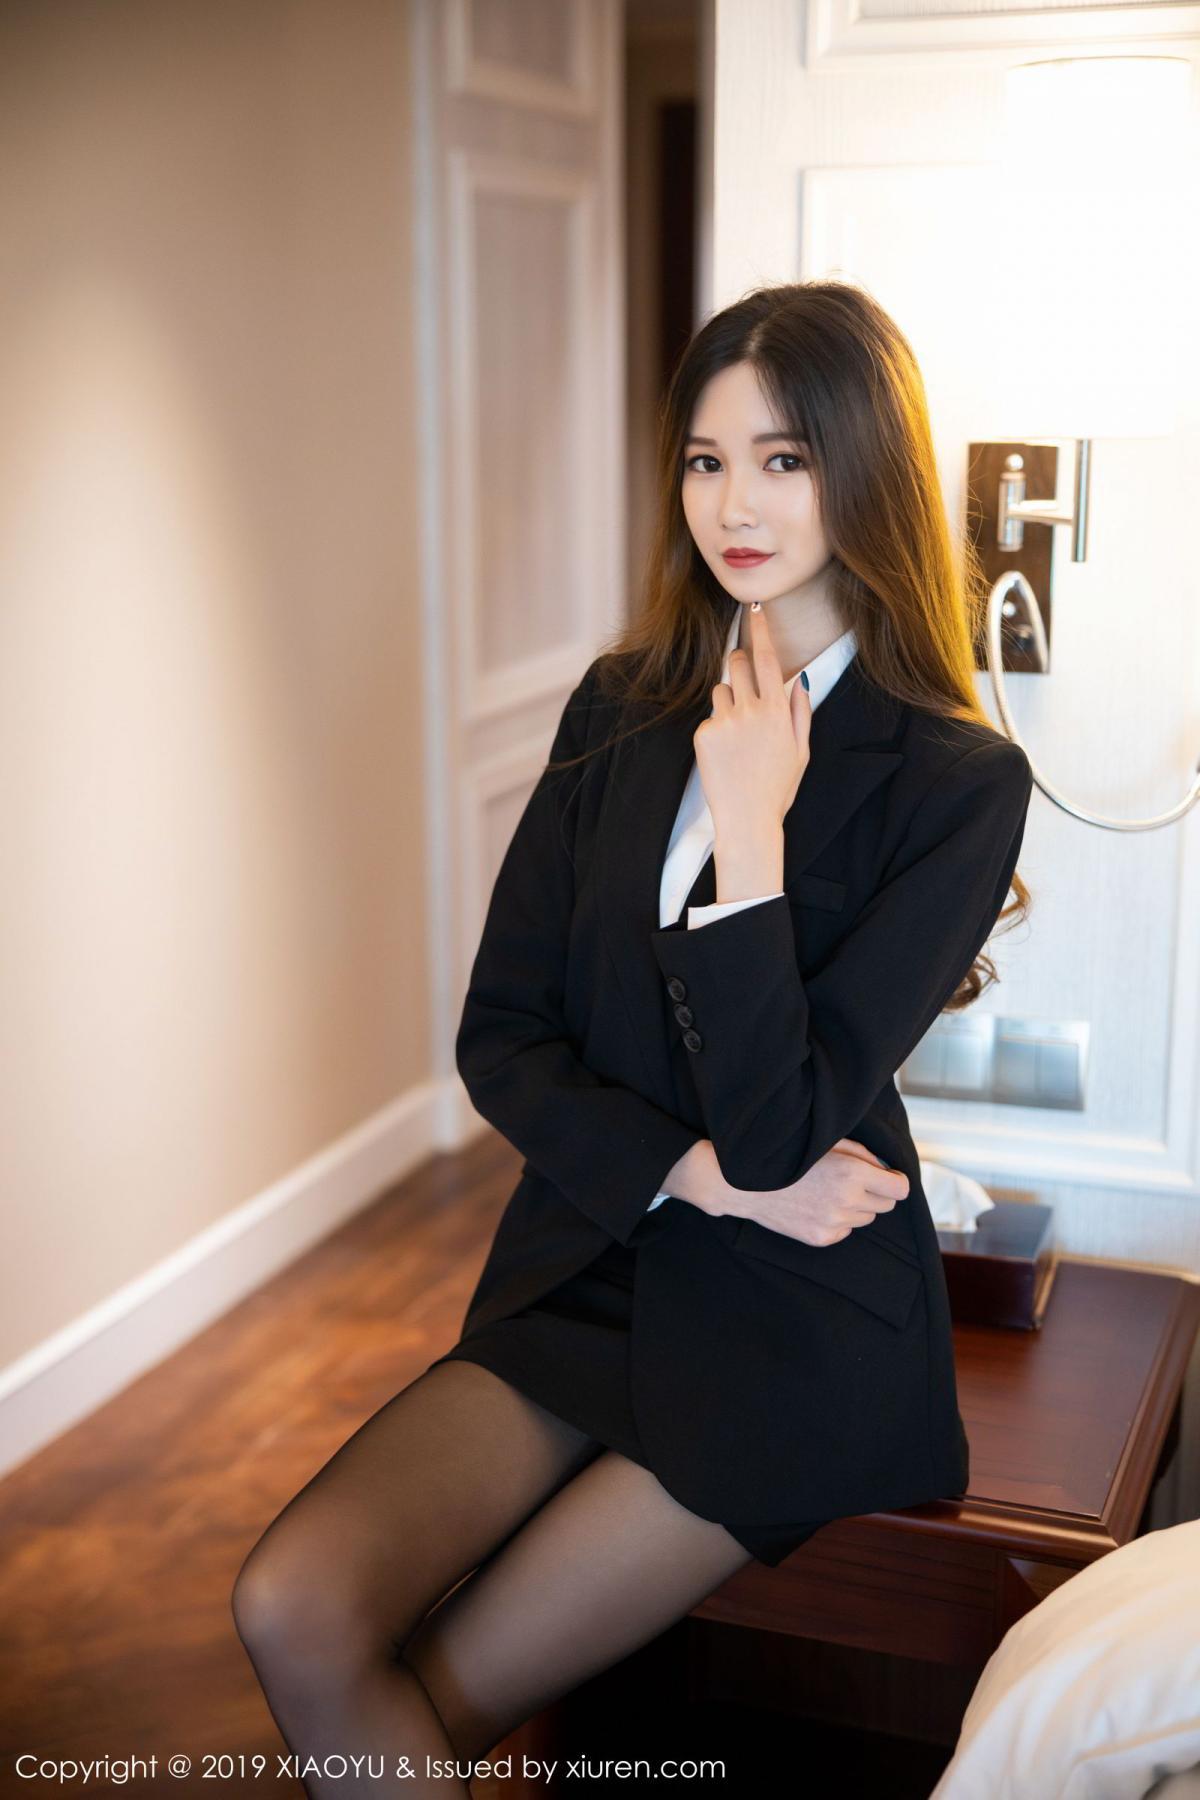 [XiaoYu] Vol.201 Cheng Cheng Cheng 13P, Black Silk, Cheng Cheng Cheng, Uniform, XiaoYu